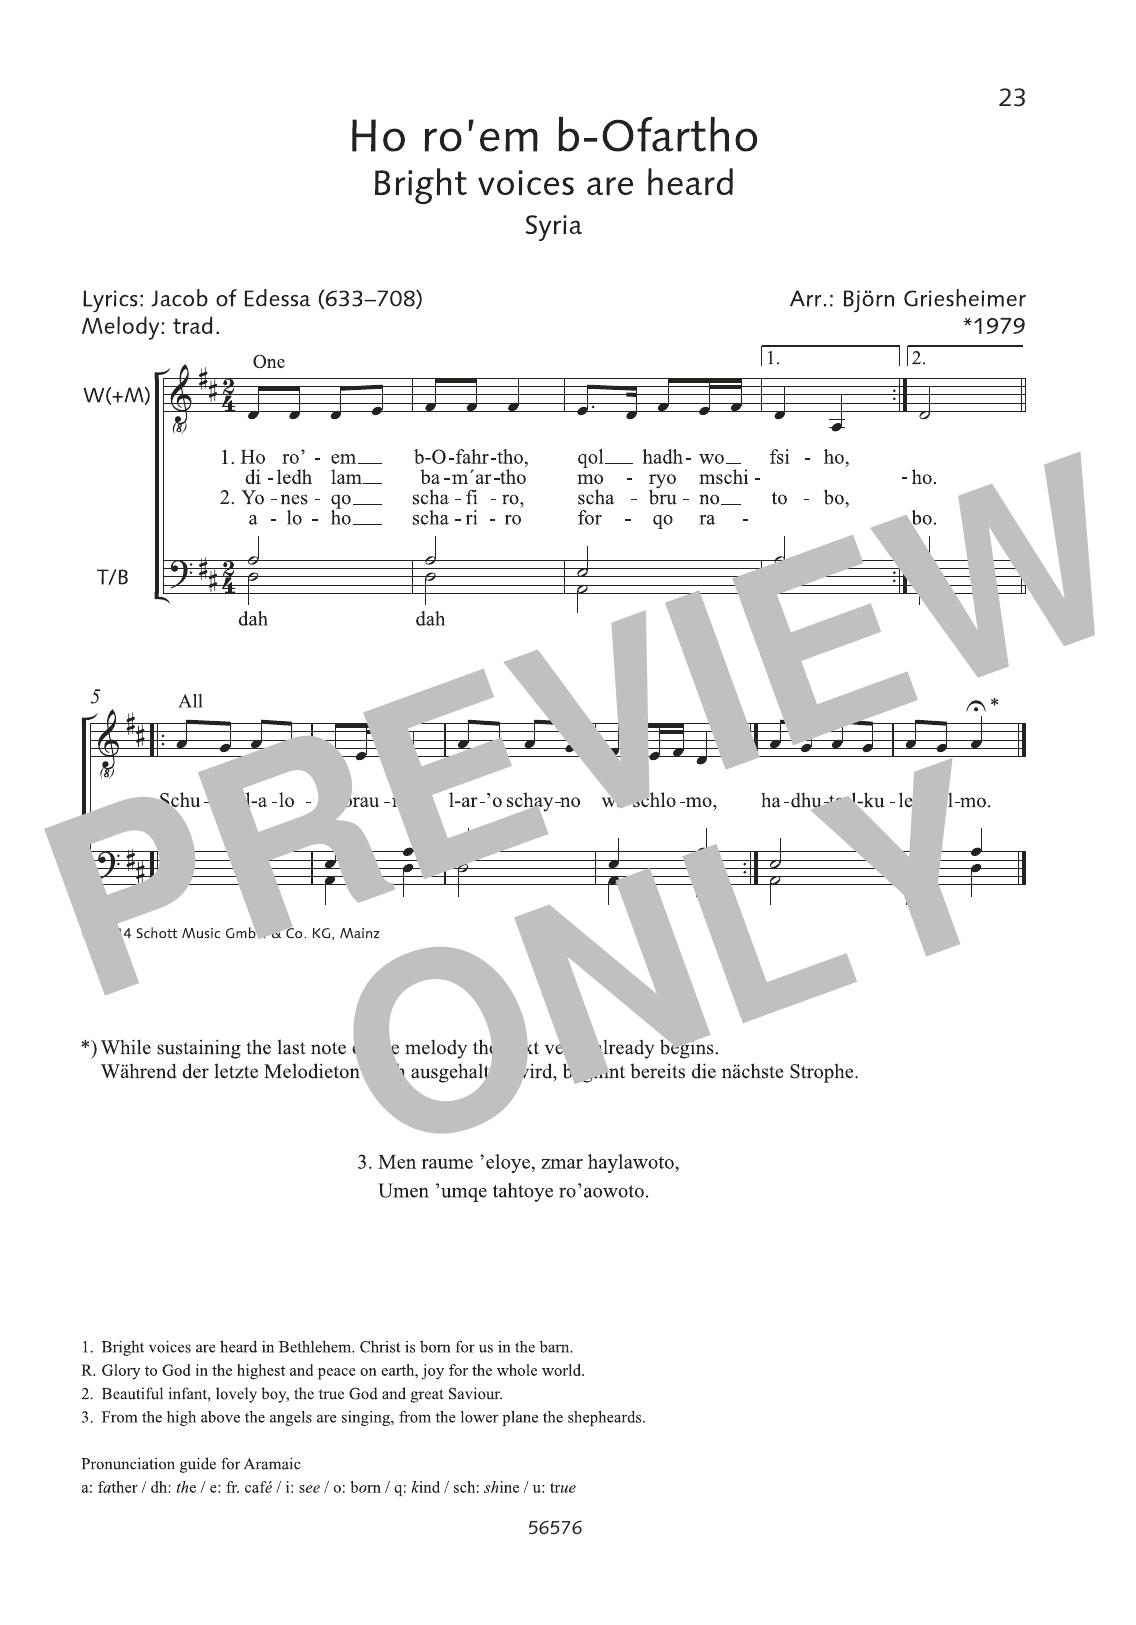 Ho ro'em b-Ofartho Sheet Music